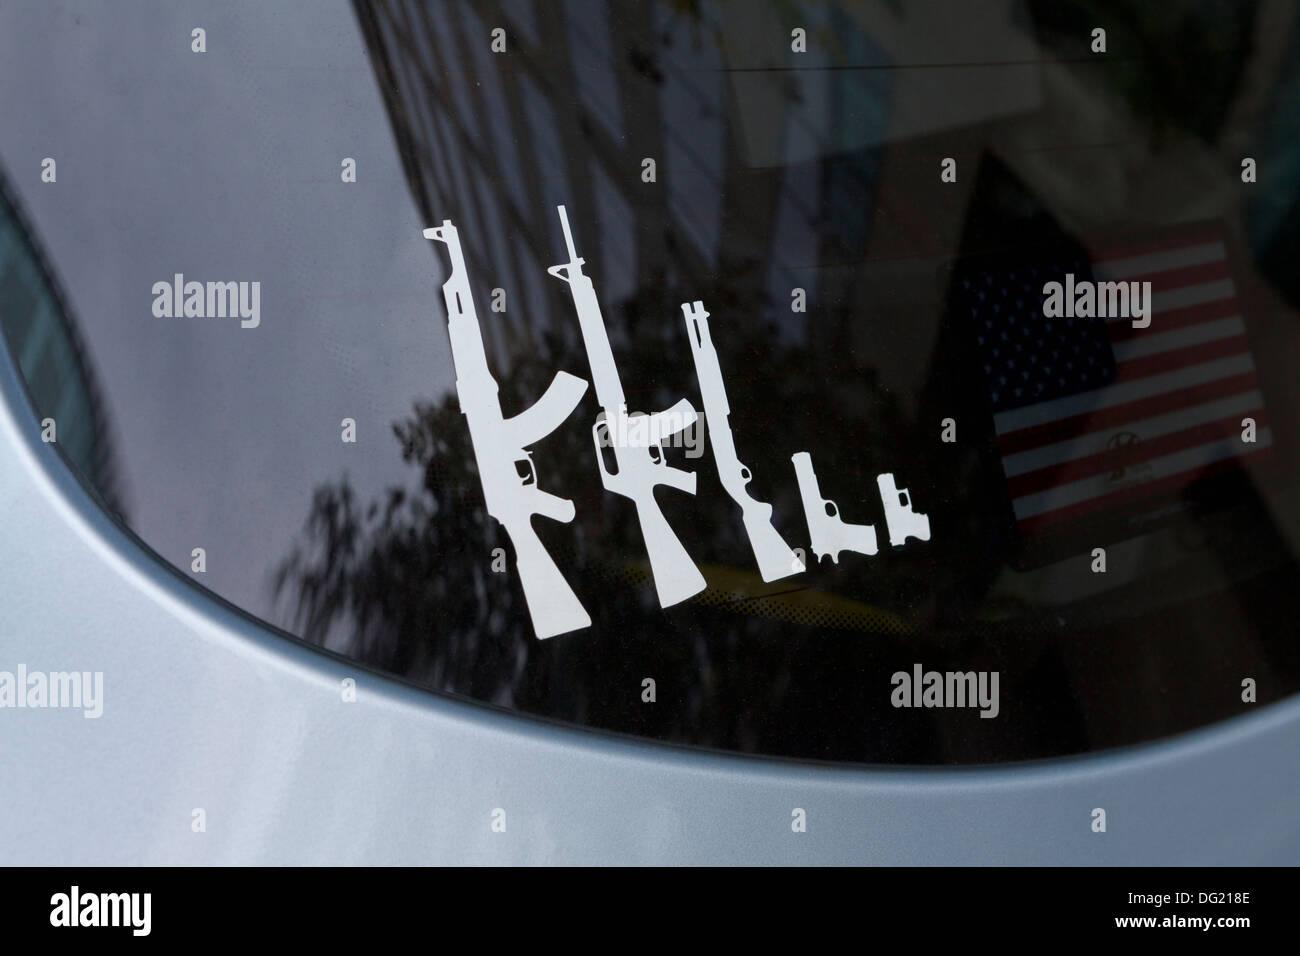 Famiglia di pistola stick figure sul parabrezza posteriore - USA Immagini Stock